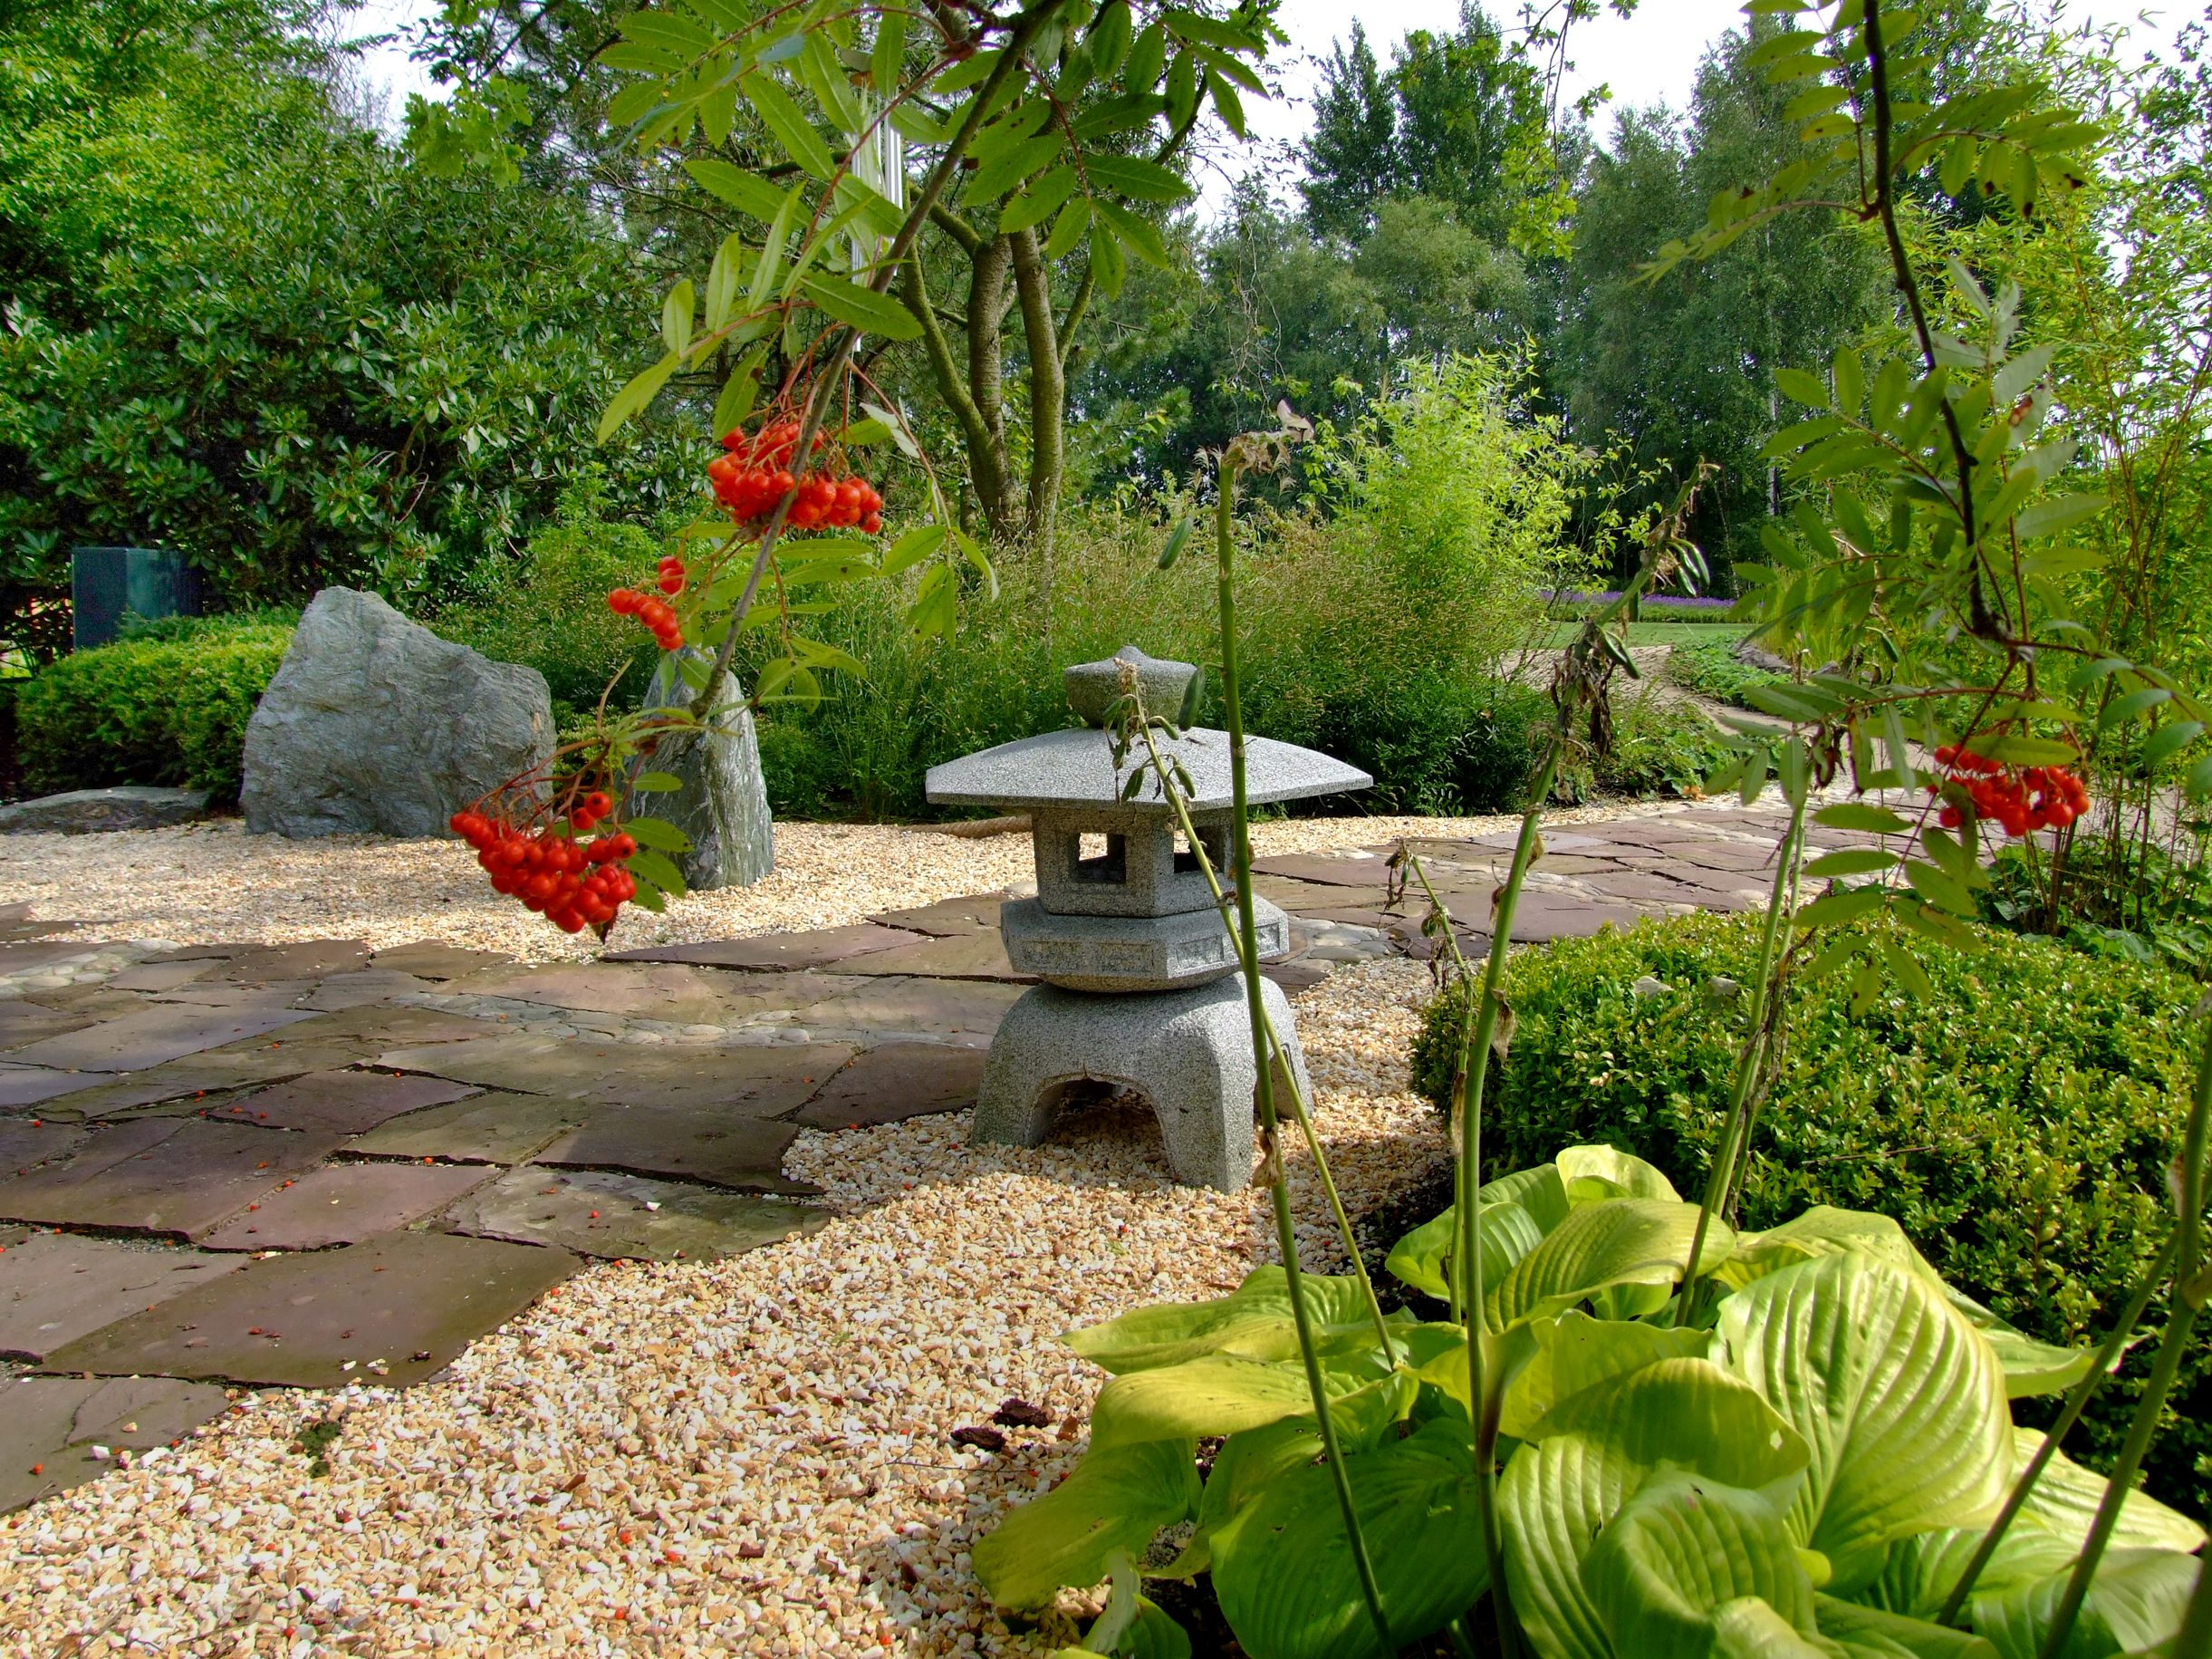 In Der Parkanlage Des Blumenreichs In Wiesmoor Findet Man Viele Themengarten Und Idyllische Platze Zum Entspannen Hier Kann Man Garten Bauerngarten Parkanlage